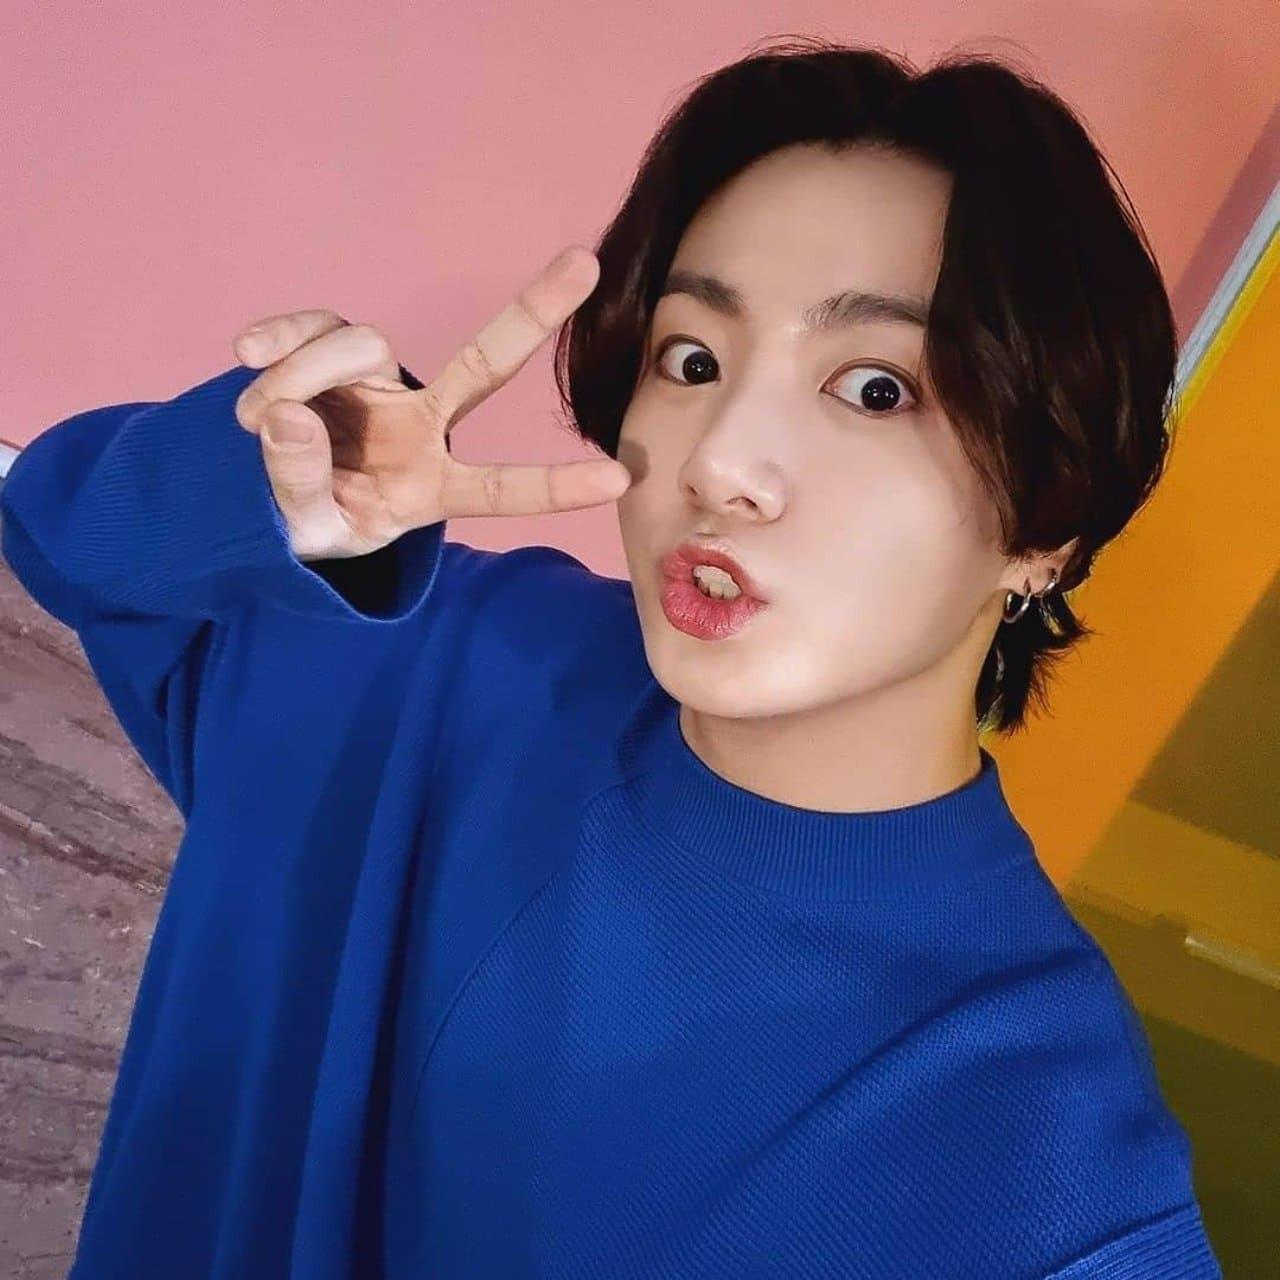 Jungkook haciendo caras y amor y paz